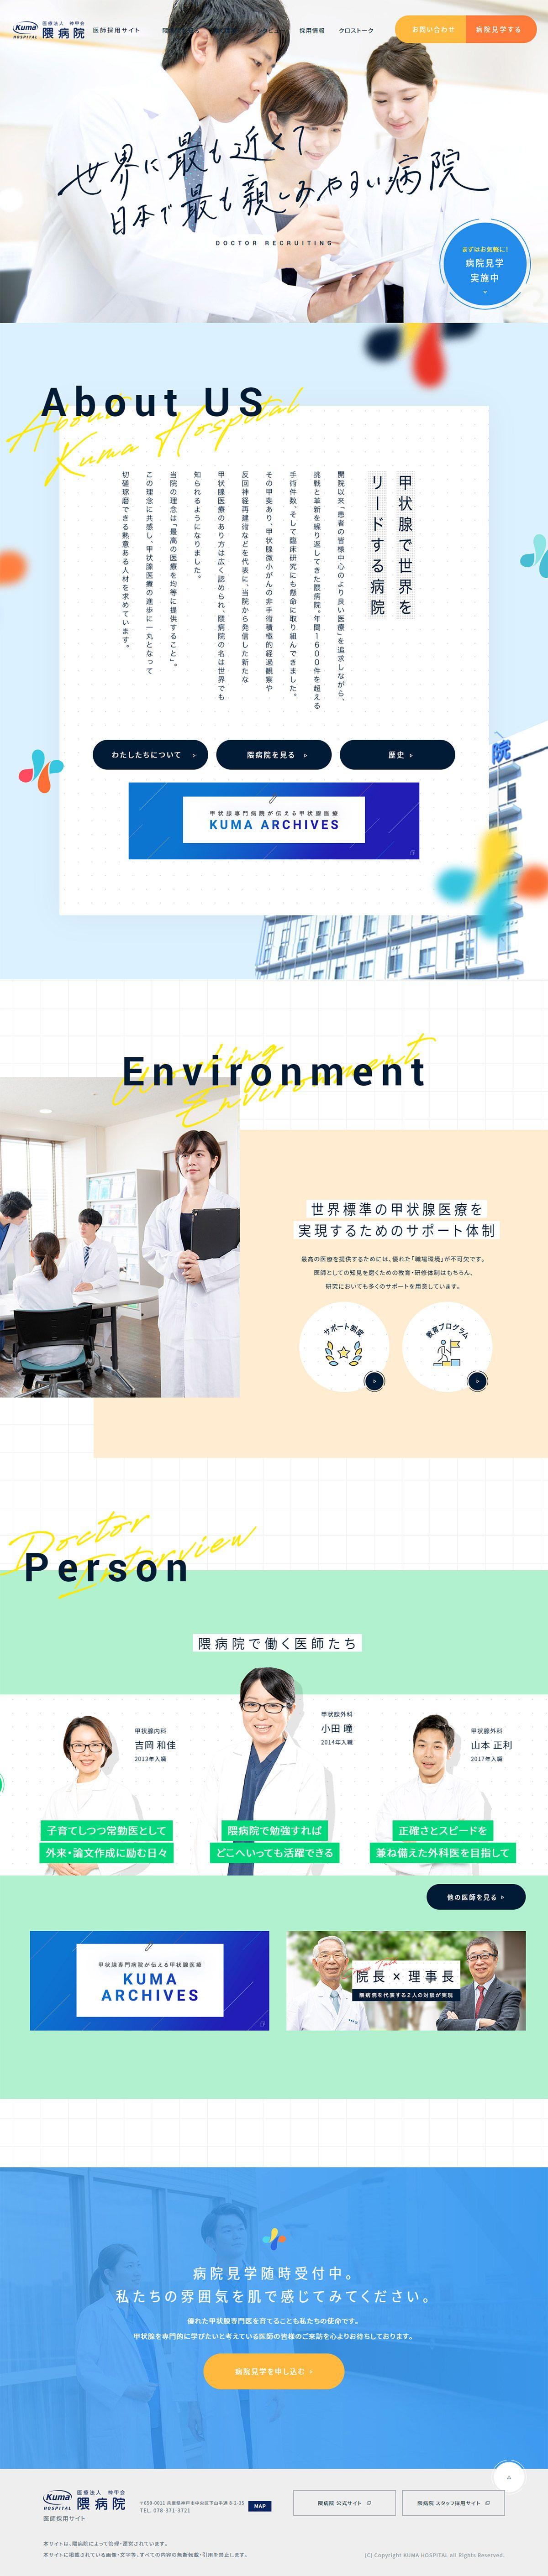 医師採用サイト 隈病院 Sankou Lp デザイン 医療 求人 コーポレートサイト デザイン